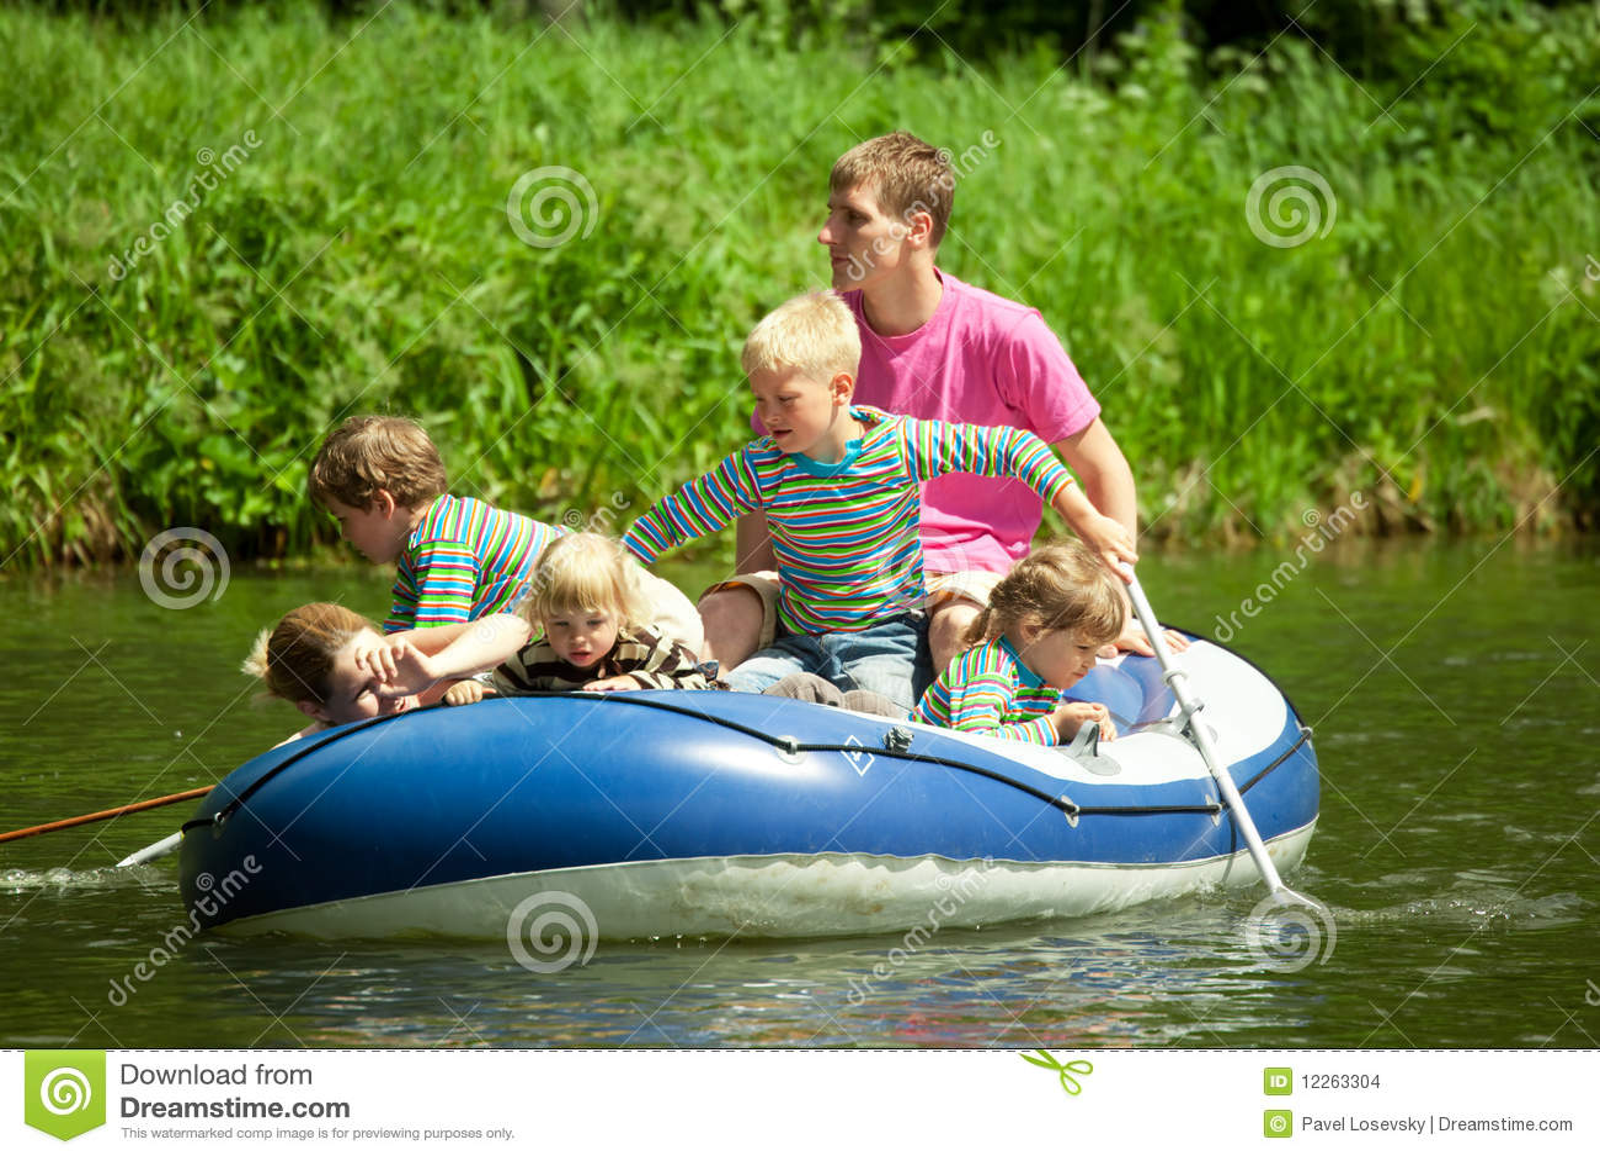 Los niños van para el mecanismo impulsor en el barco bajo supervisión